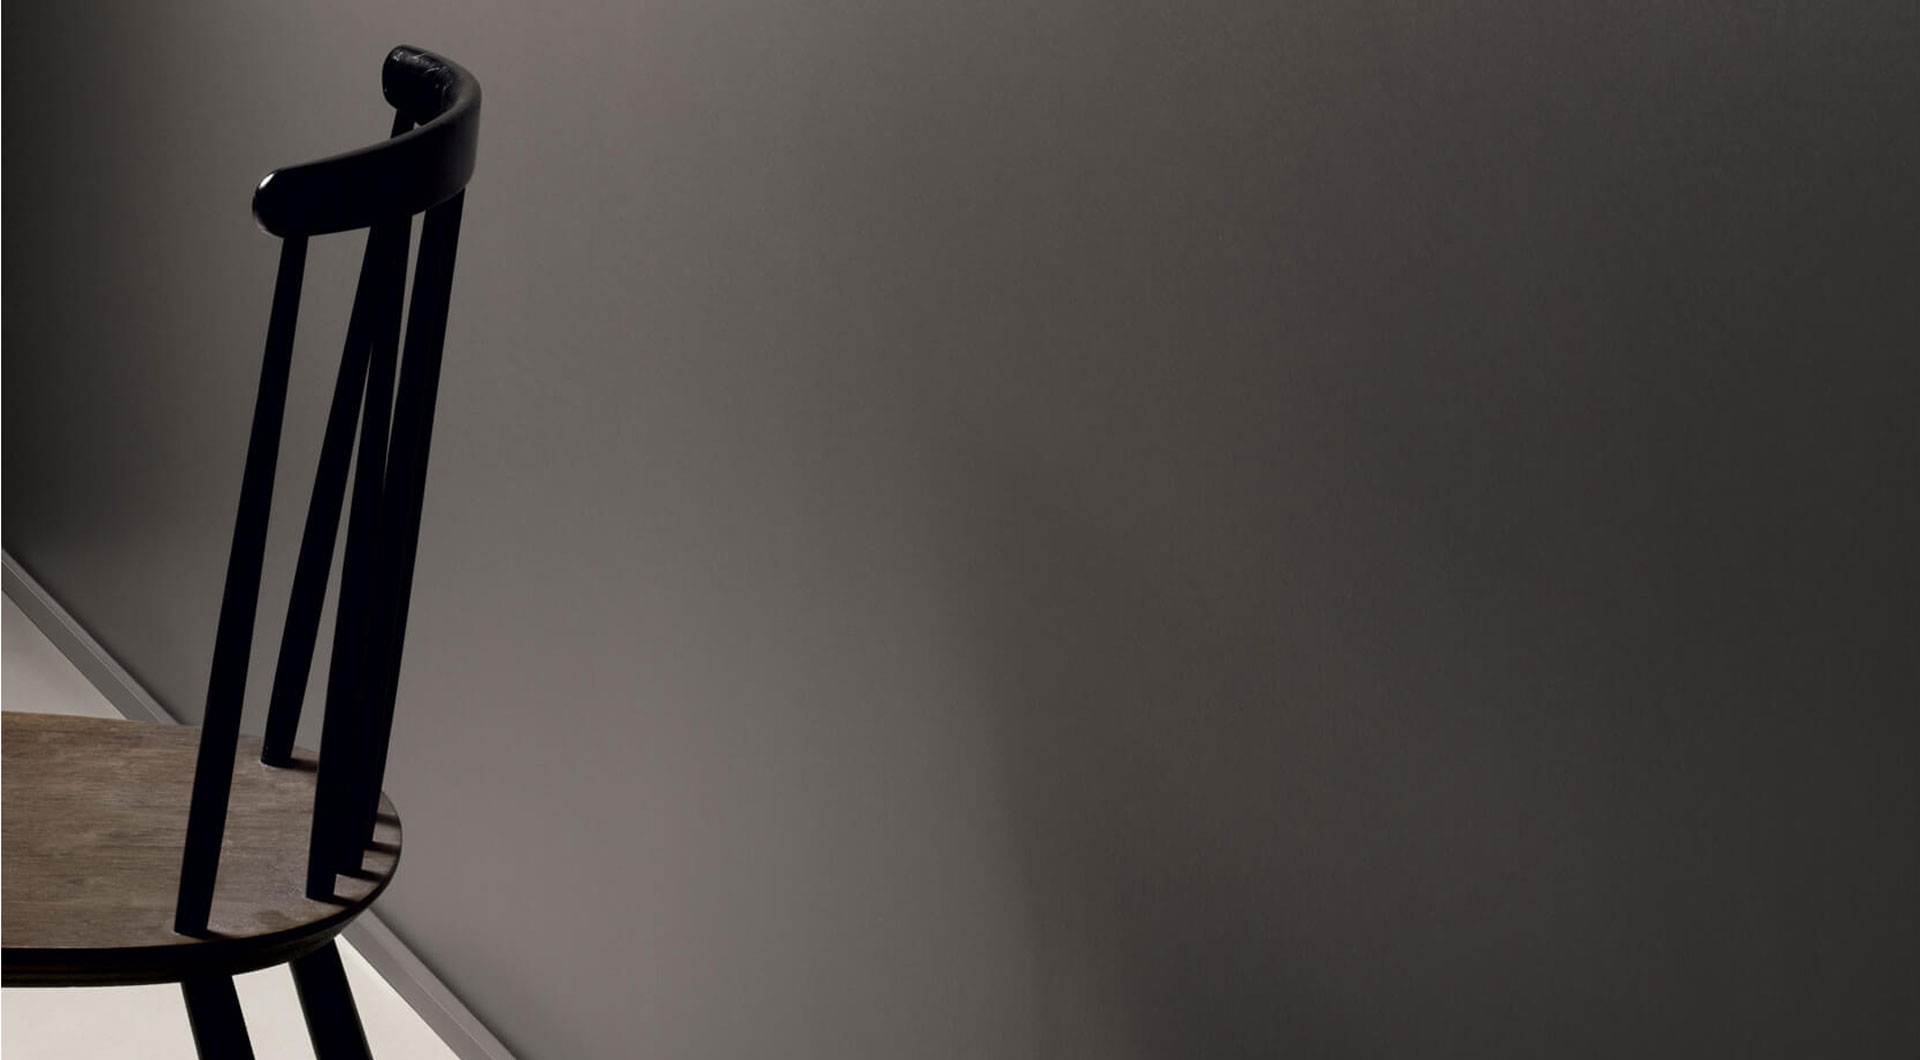 kerakoll-design-house-soluzioni-per-rivestimenti-dal-design-unico-disponibili-da-natalucci-store